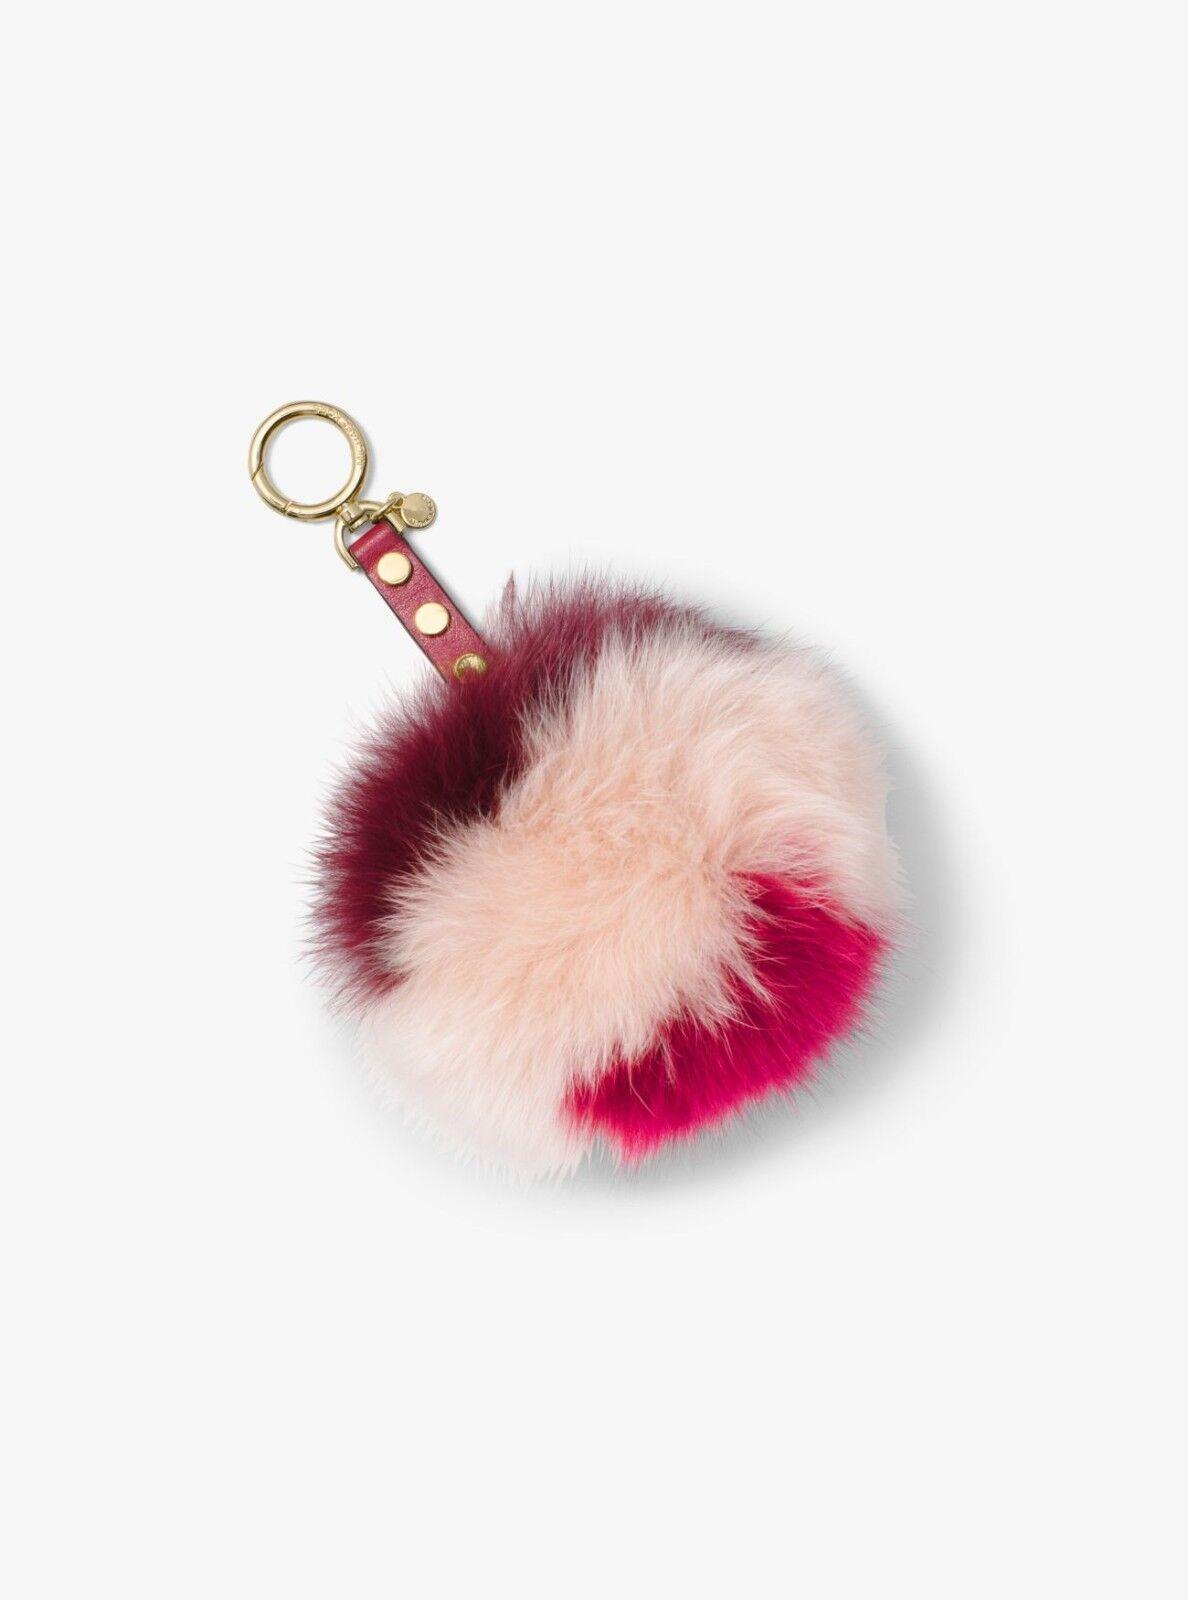 4cc7f1cb63 Michael Kors Key Charms Lollipop Large Pom Fur Bag Charm Fob Mulberry  Crimson for sale online